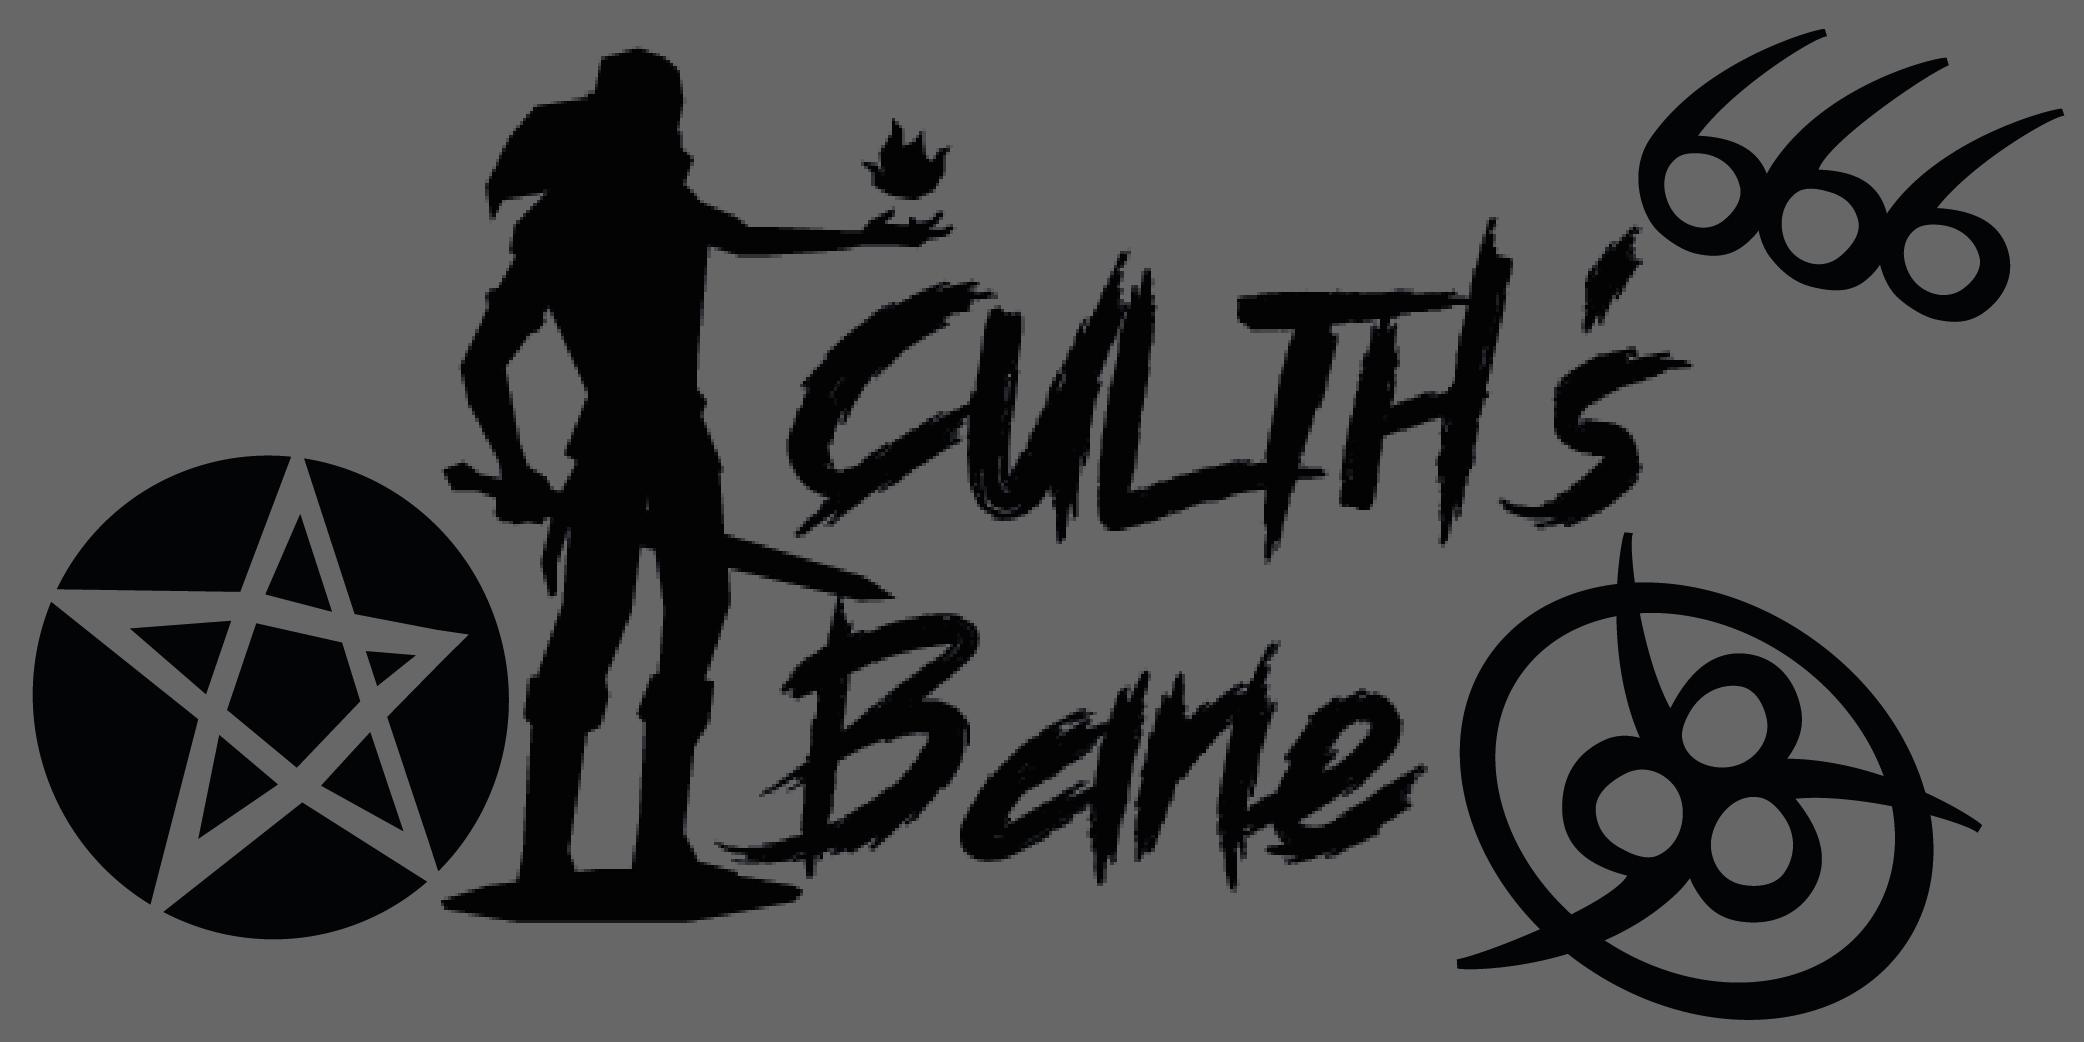 CULTH's Bane